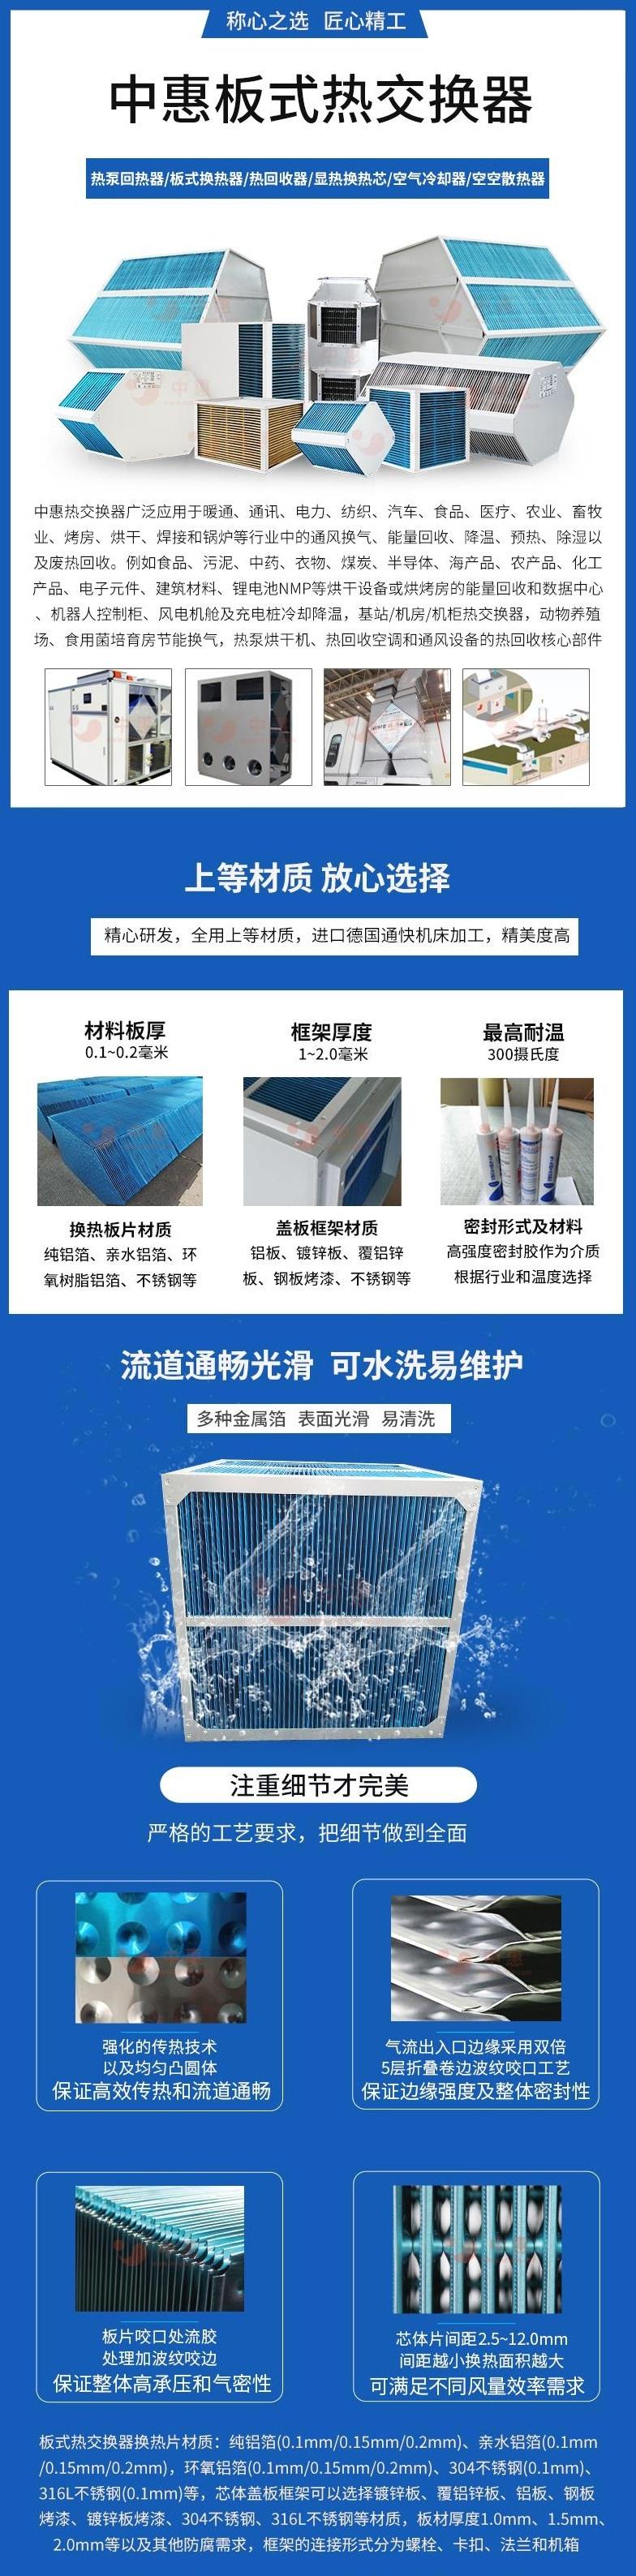 中惠板式热交换器详情页1